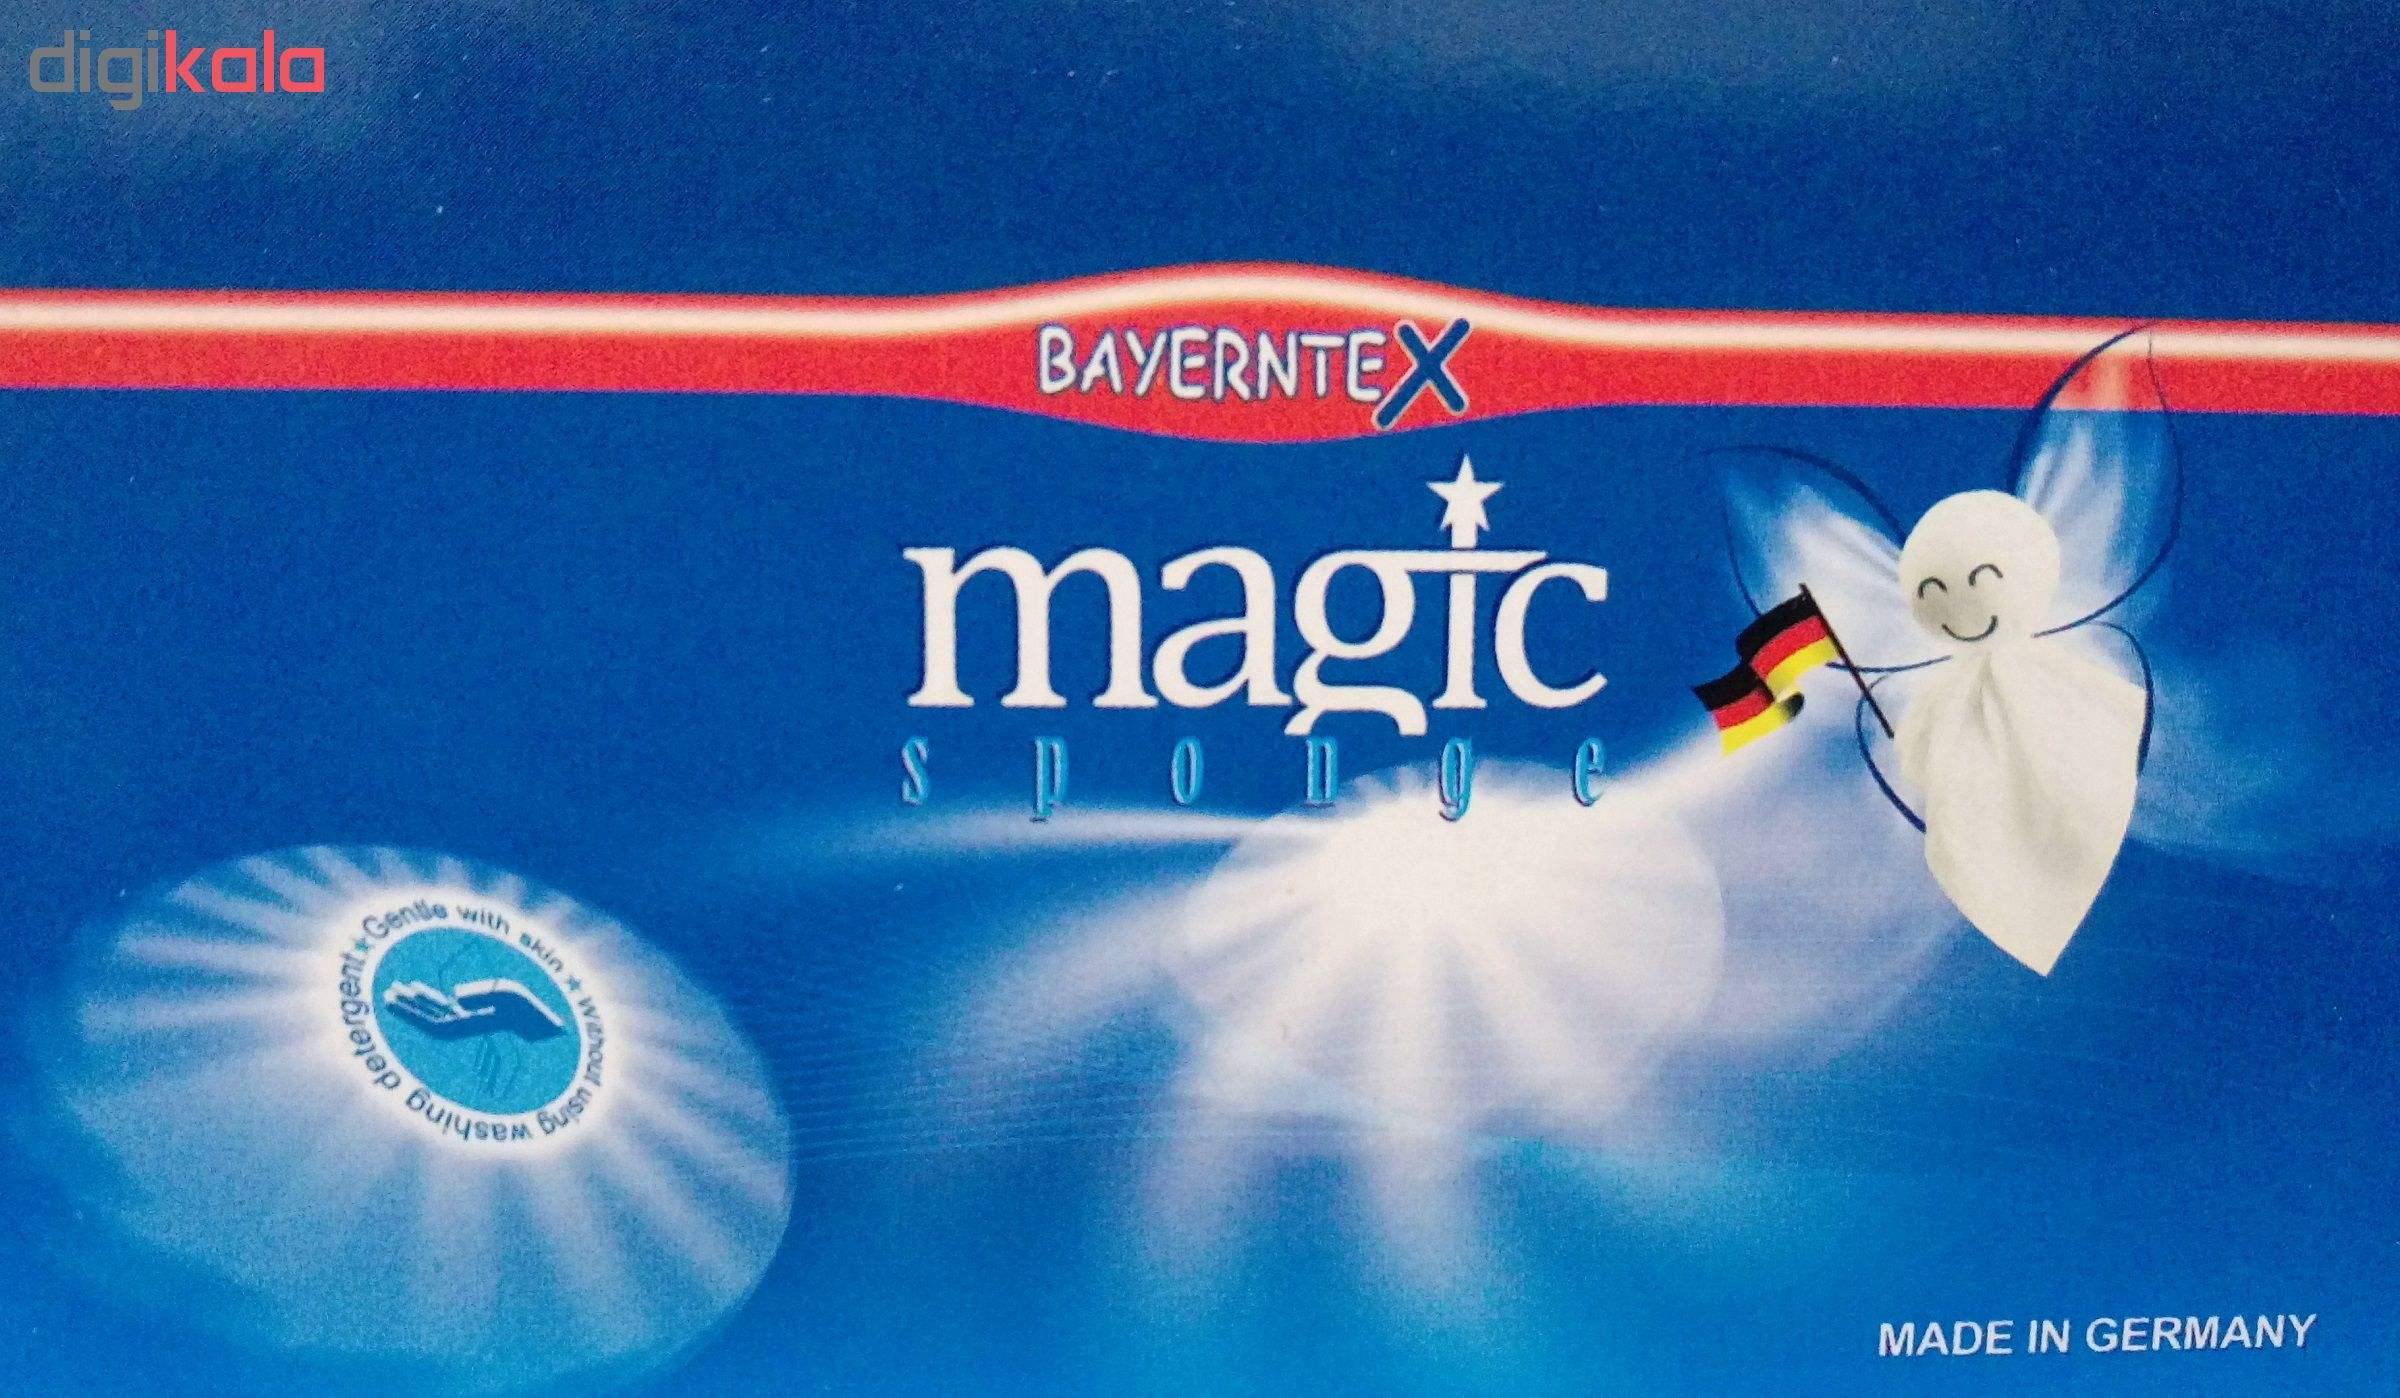 اسفنج لکه بر خودرو بایرنتکس مدل magic main 1 8